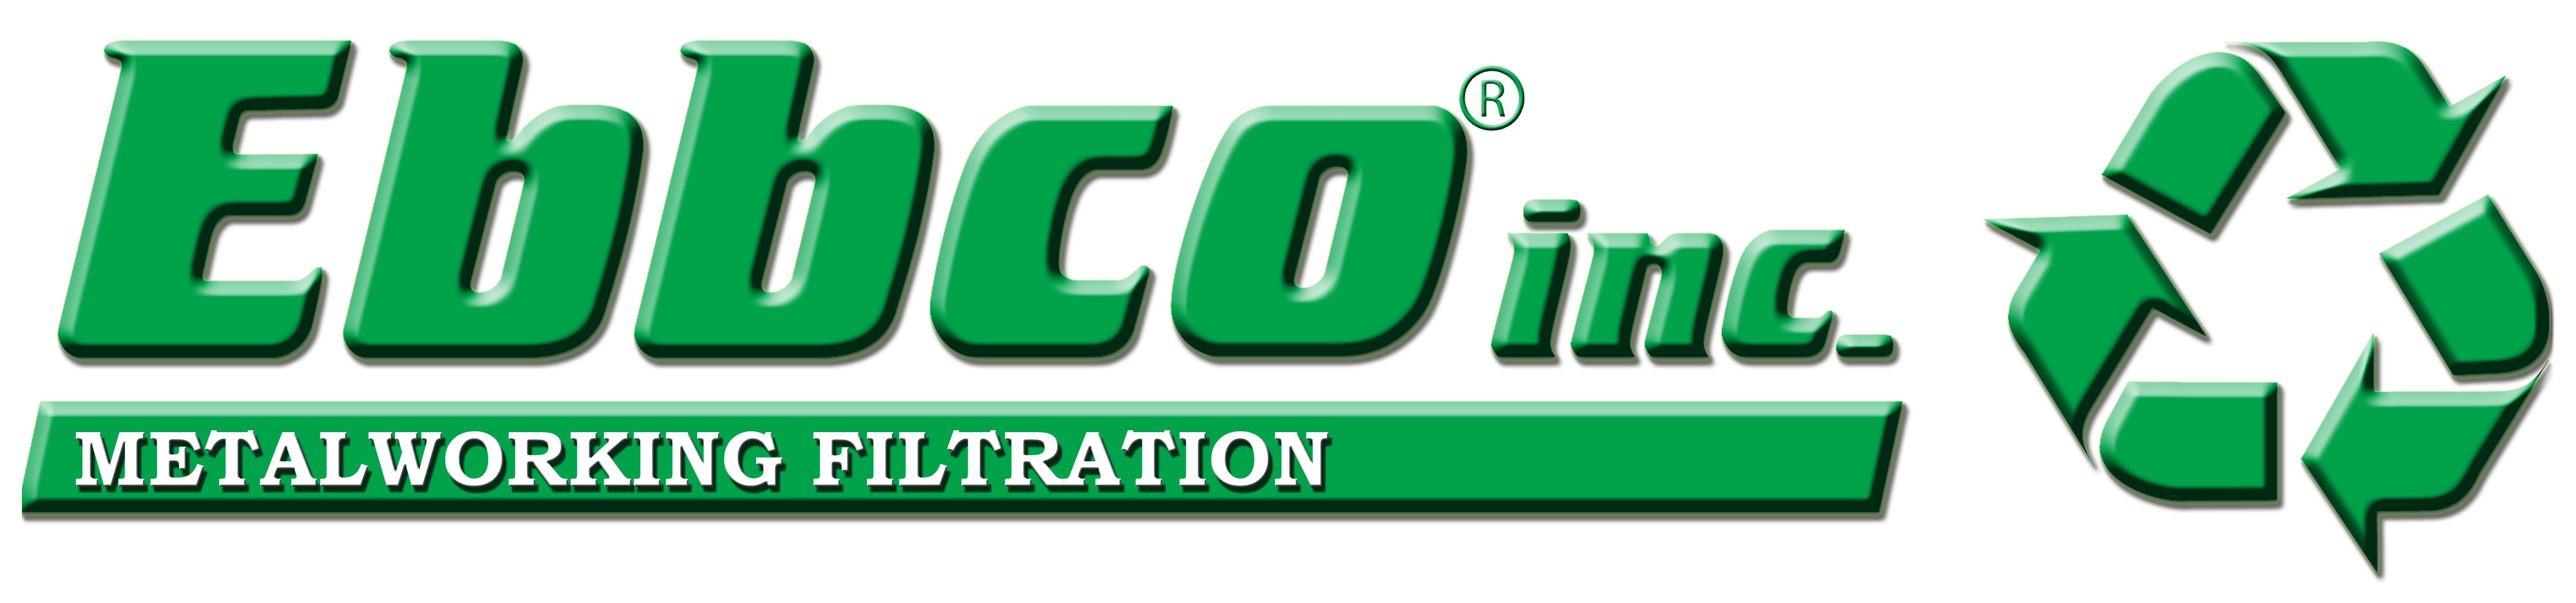 Ebbco mw logo (002)